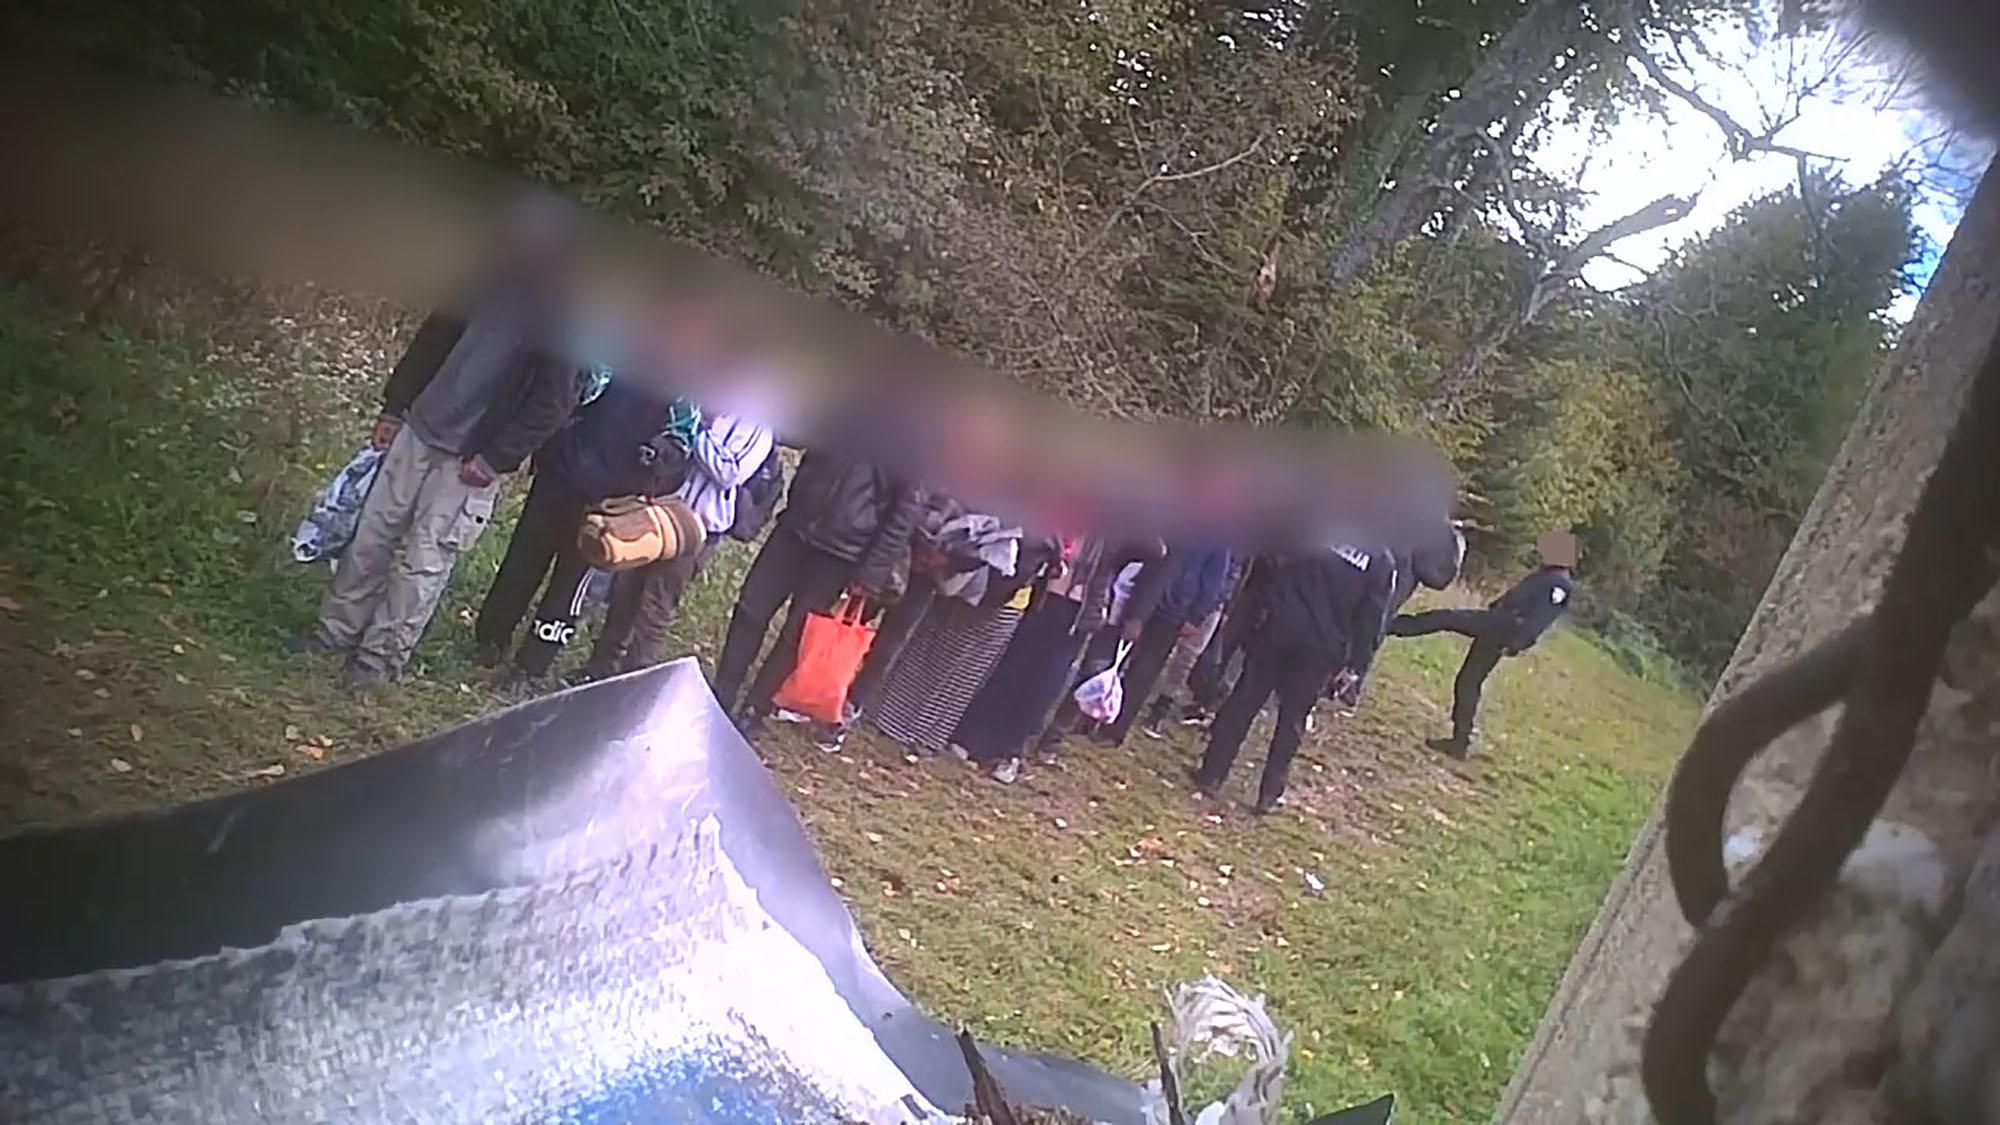 Die Aufnahmen, die die NGO Border Violence Monitoring der ARD und anderen Medien zur Verfügung und Überprüfung gestellt hat, sind im Zeitraum von zwölf Tagen im September und Oktober entstanden. In diesem Zeitraum wurden mindestens 368 Menschen, darunter auch Frauen und Kinder, von verschiedenen bewaffneten Einheiten der kroatischen Polizei in Richtung Bosnien begleitet.